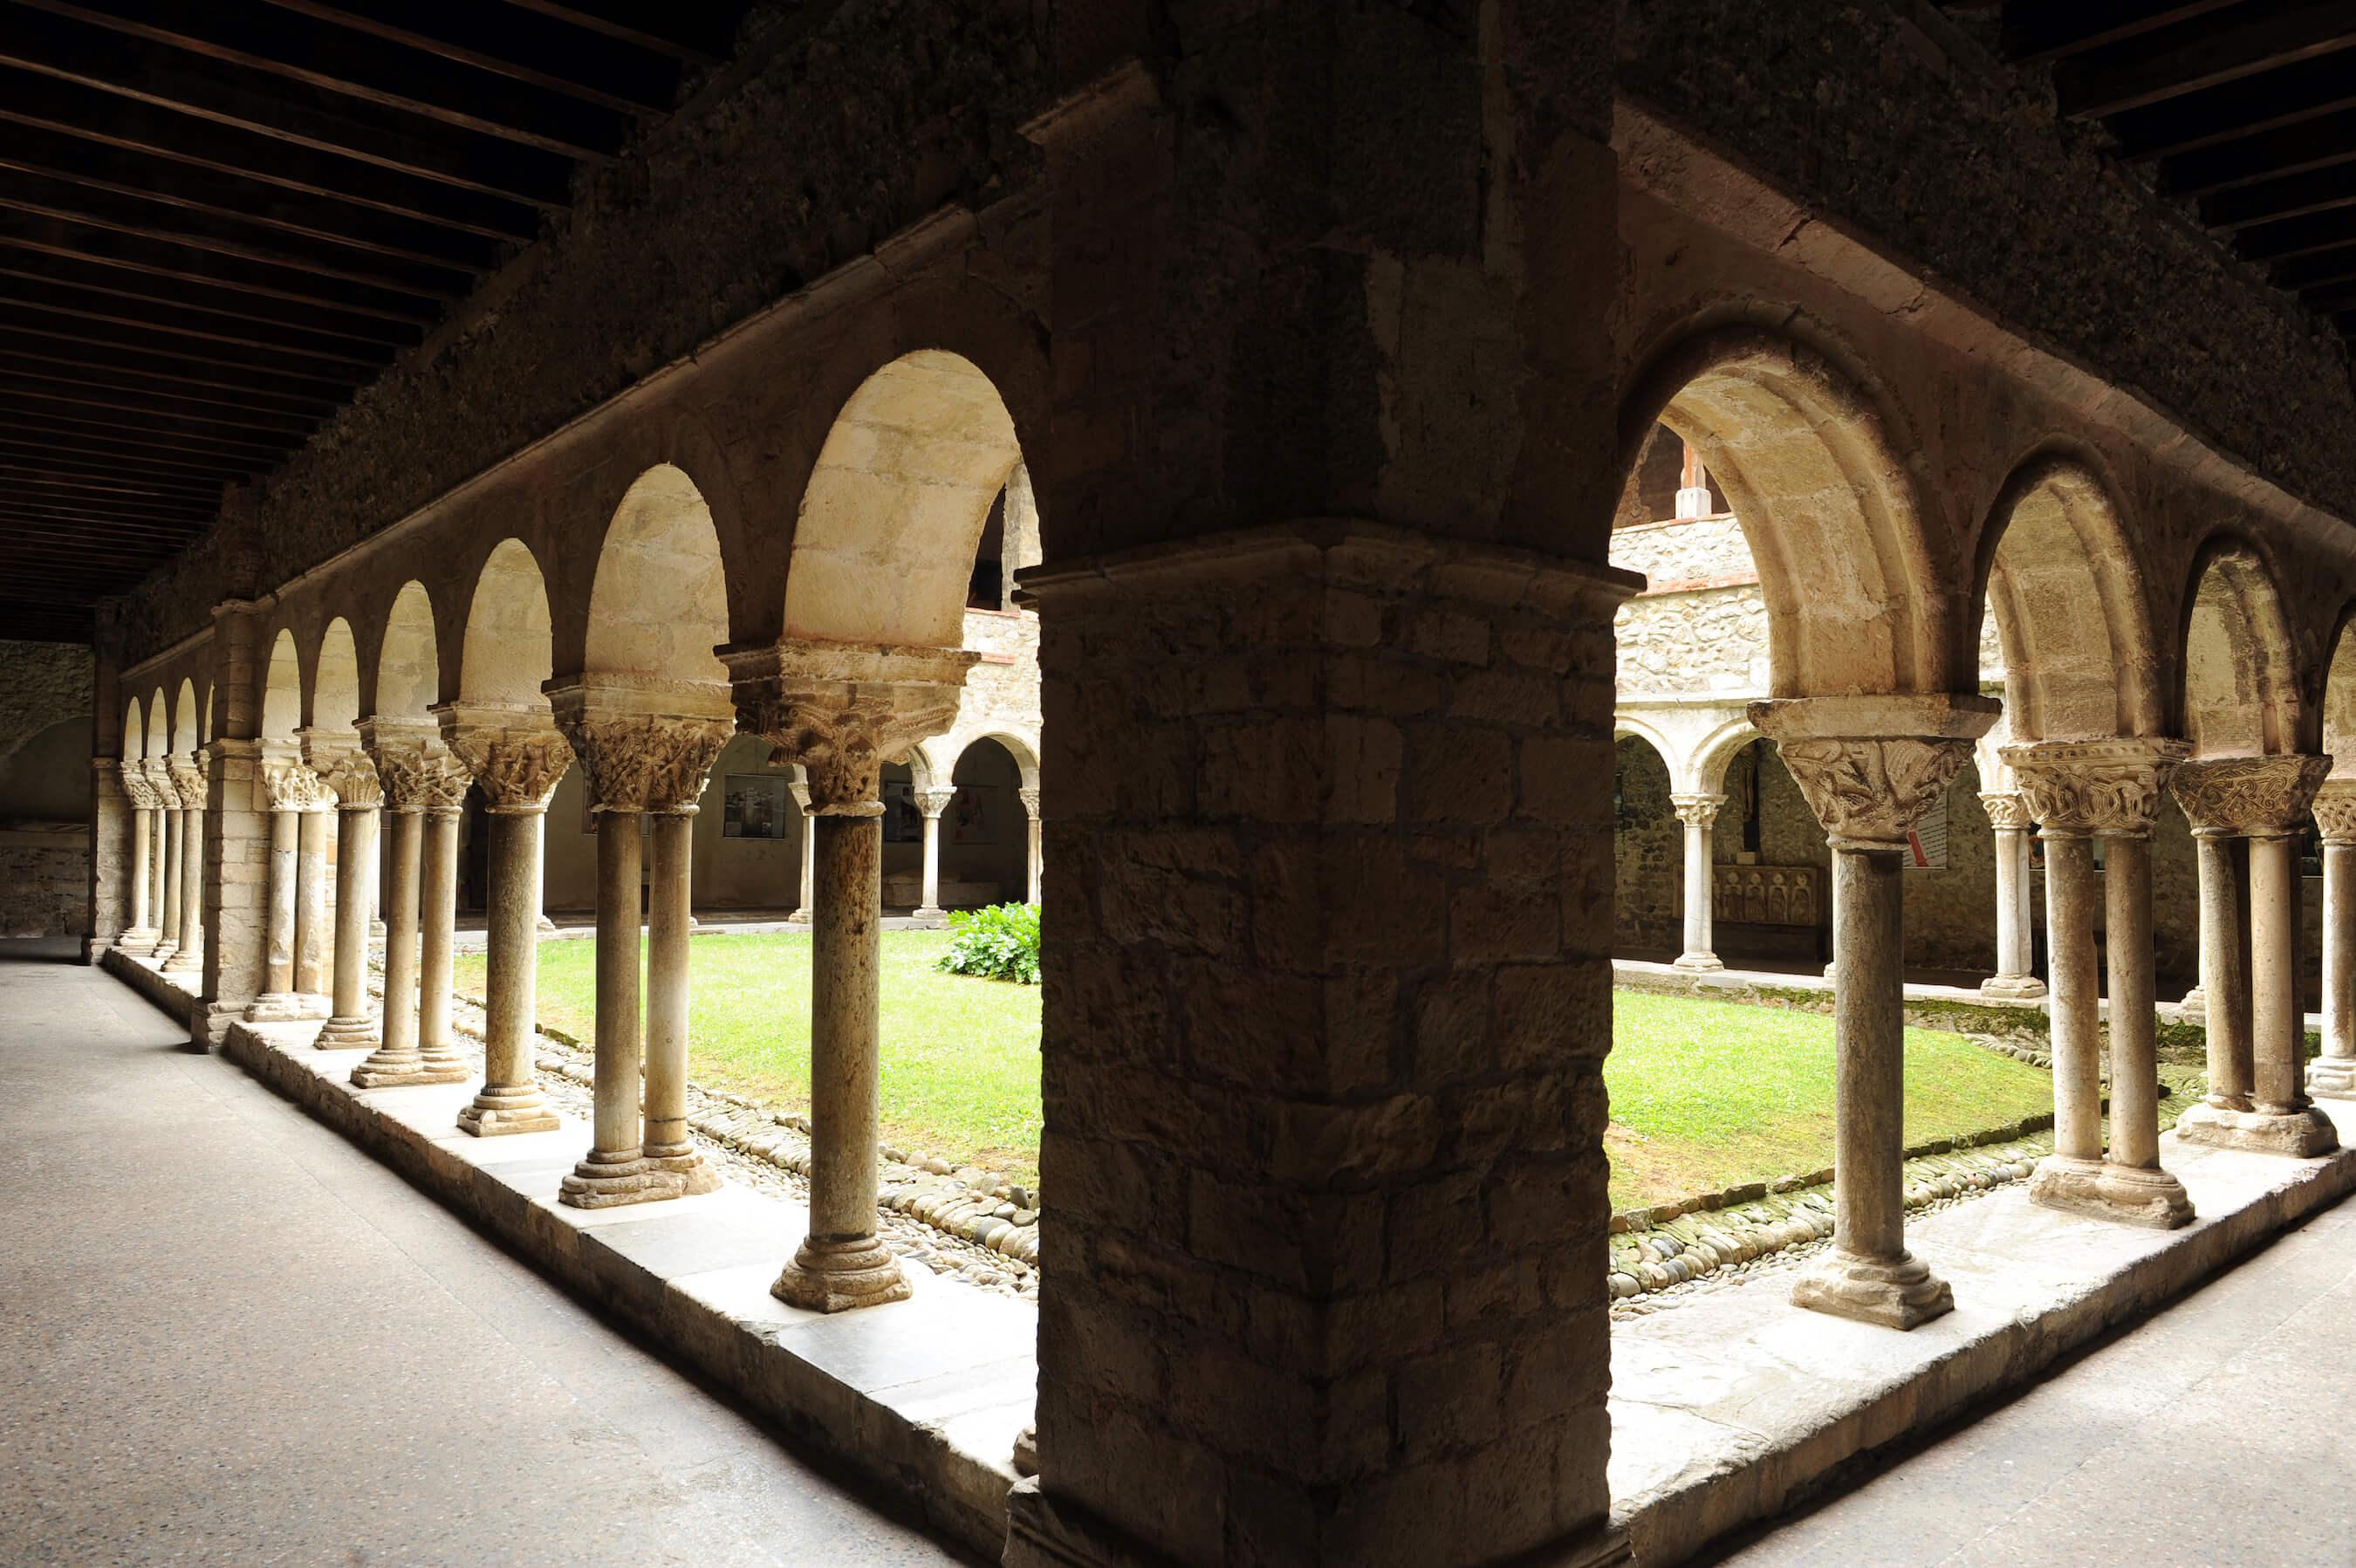 Ancienne cathédrale et cloître à Saint-Lizier©ACIR / JJ gelbart